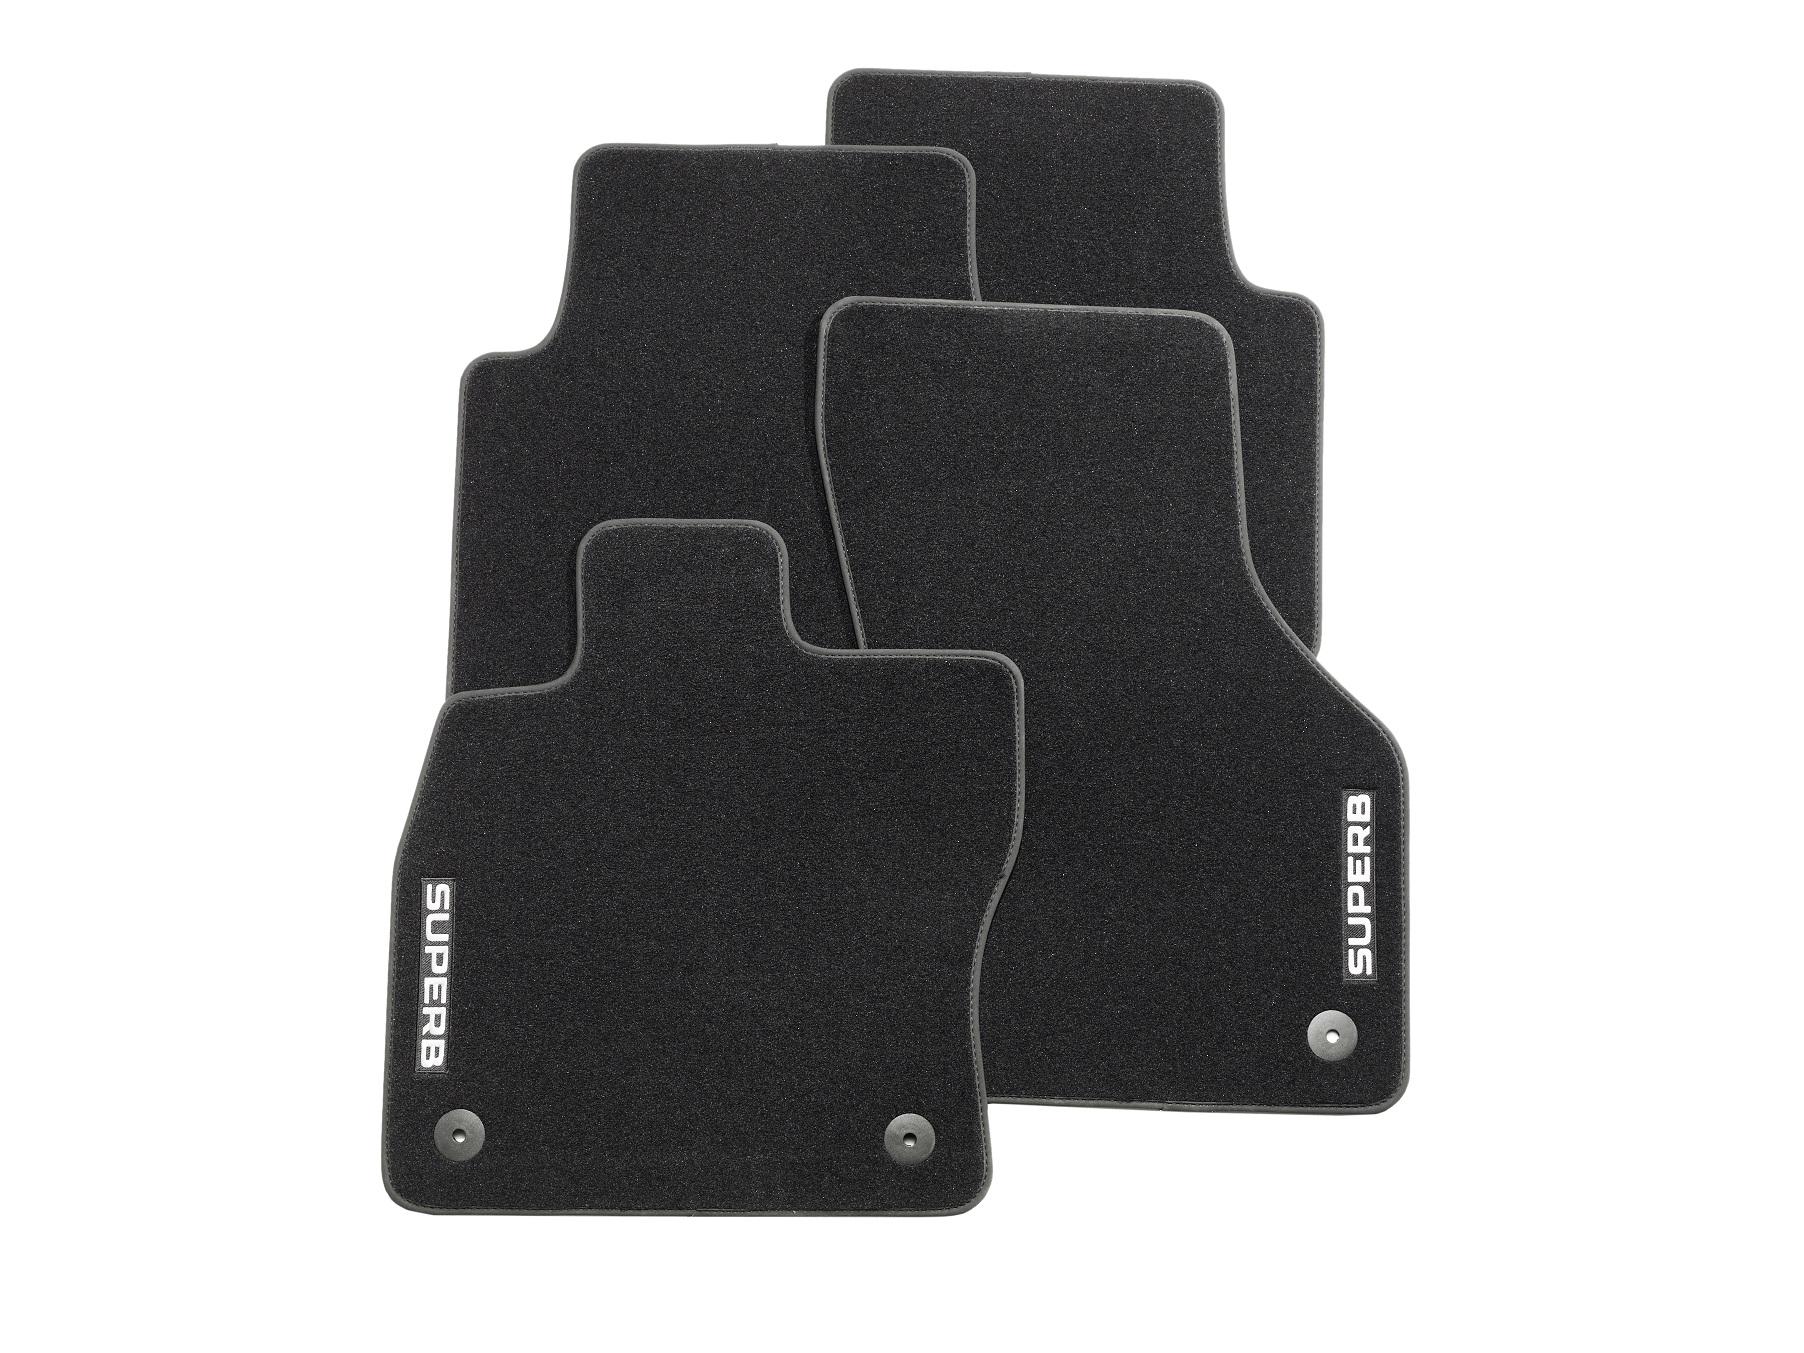 Textilfußmatten-Set Premium SUPERB III